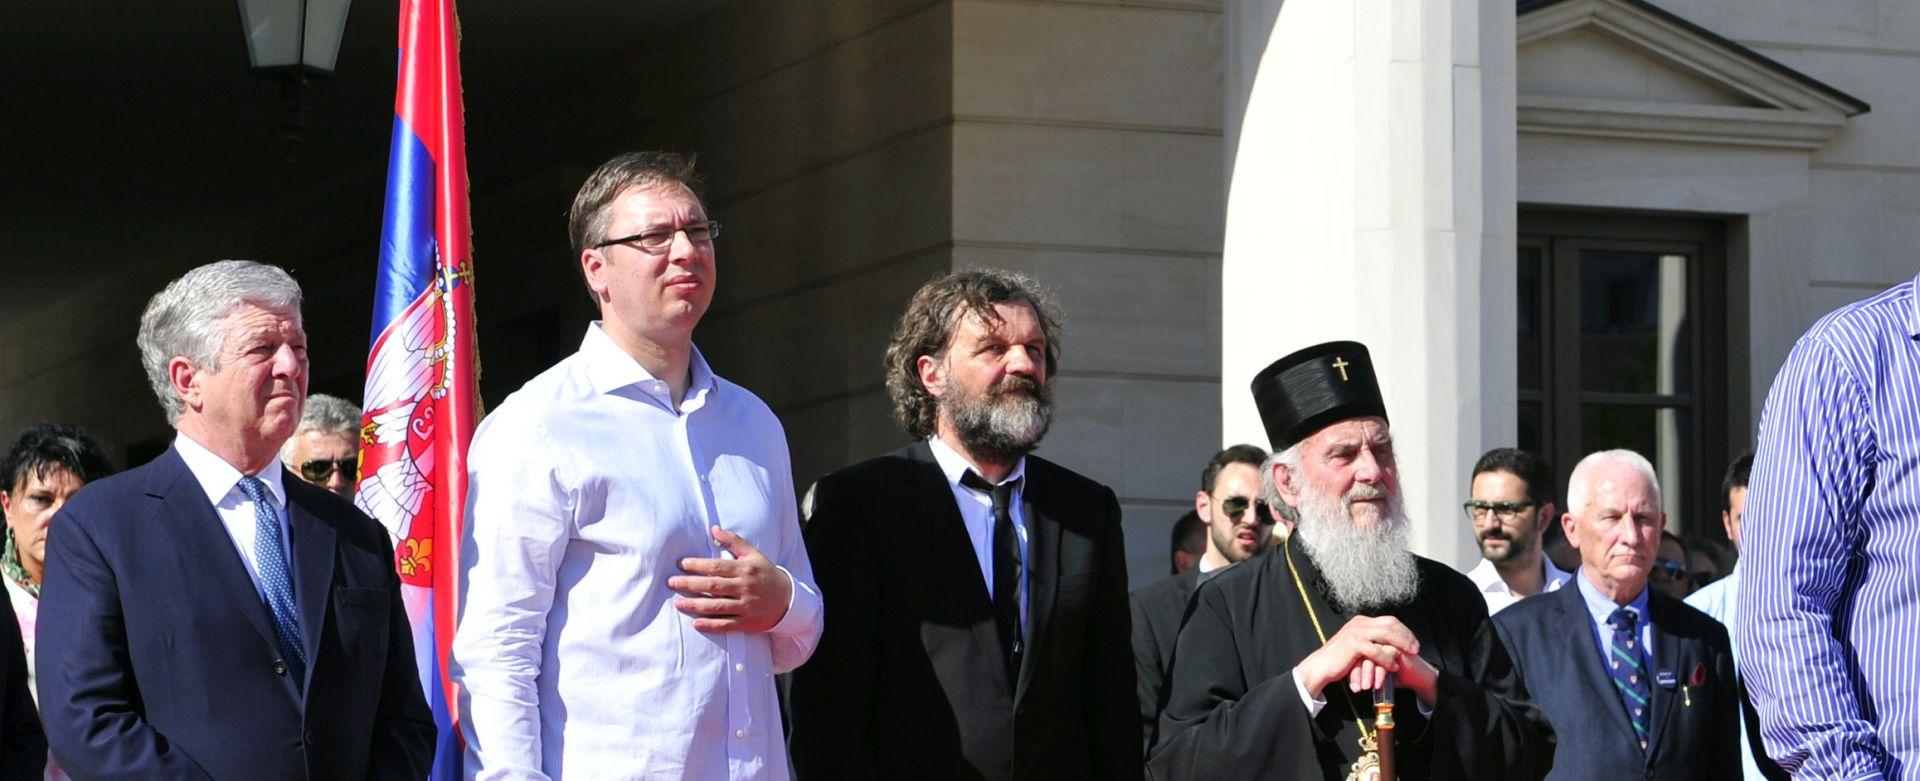 SRPSKI PATRIJARH IRINEJ: Papa može posjetiti Srbiju, ali je rano za posjet SPC-u